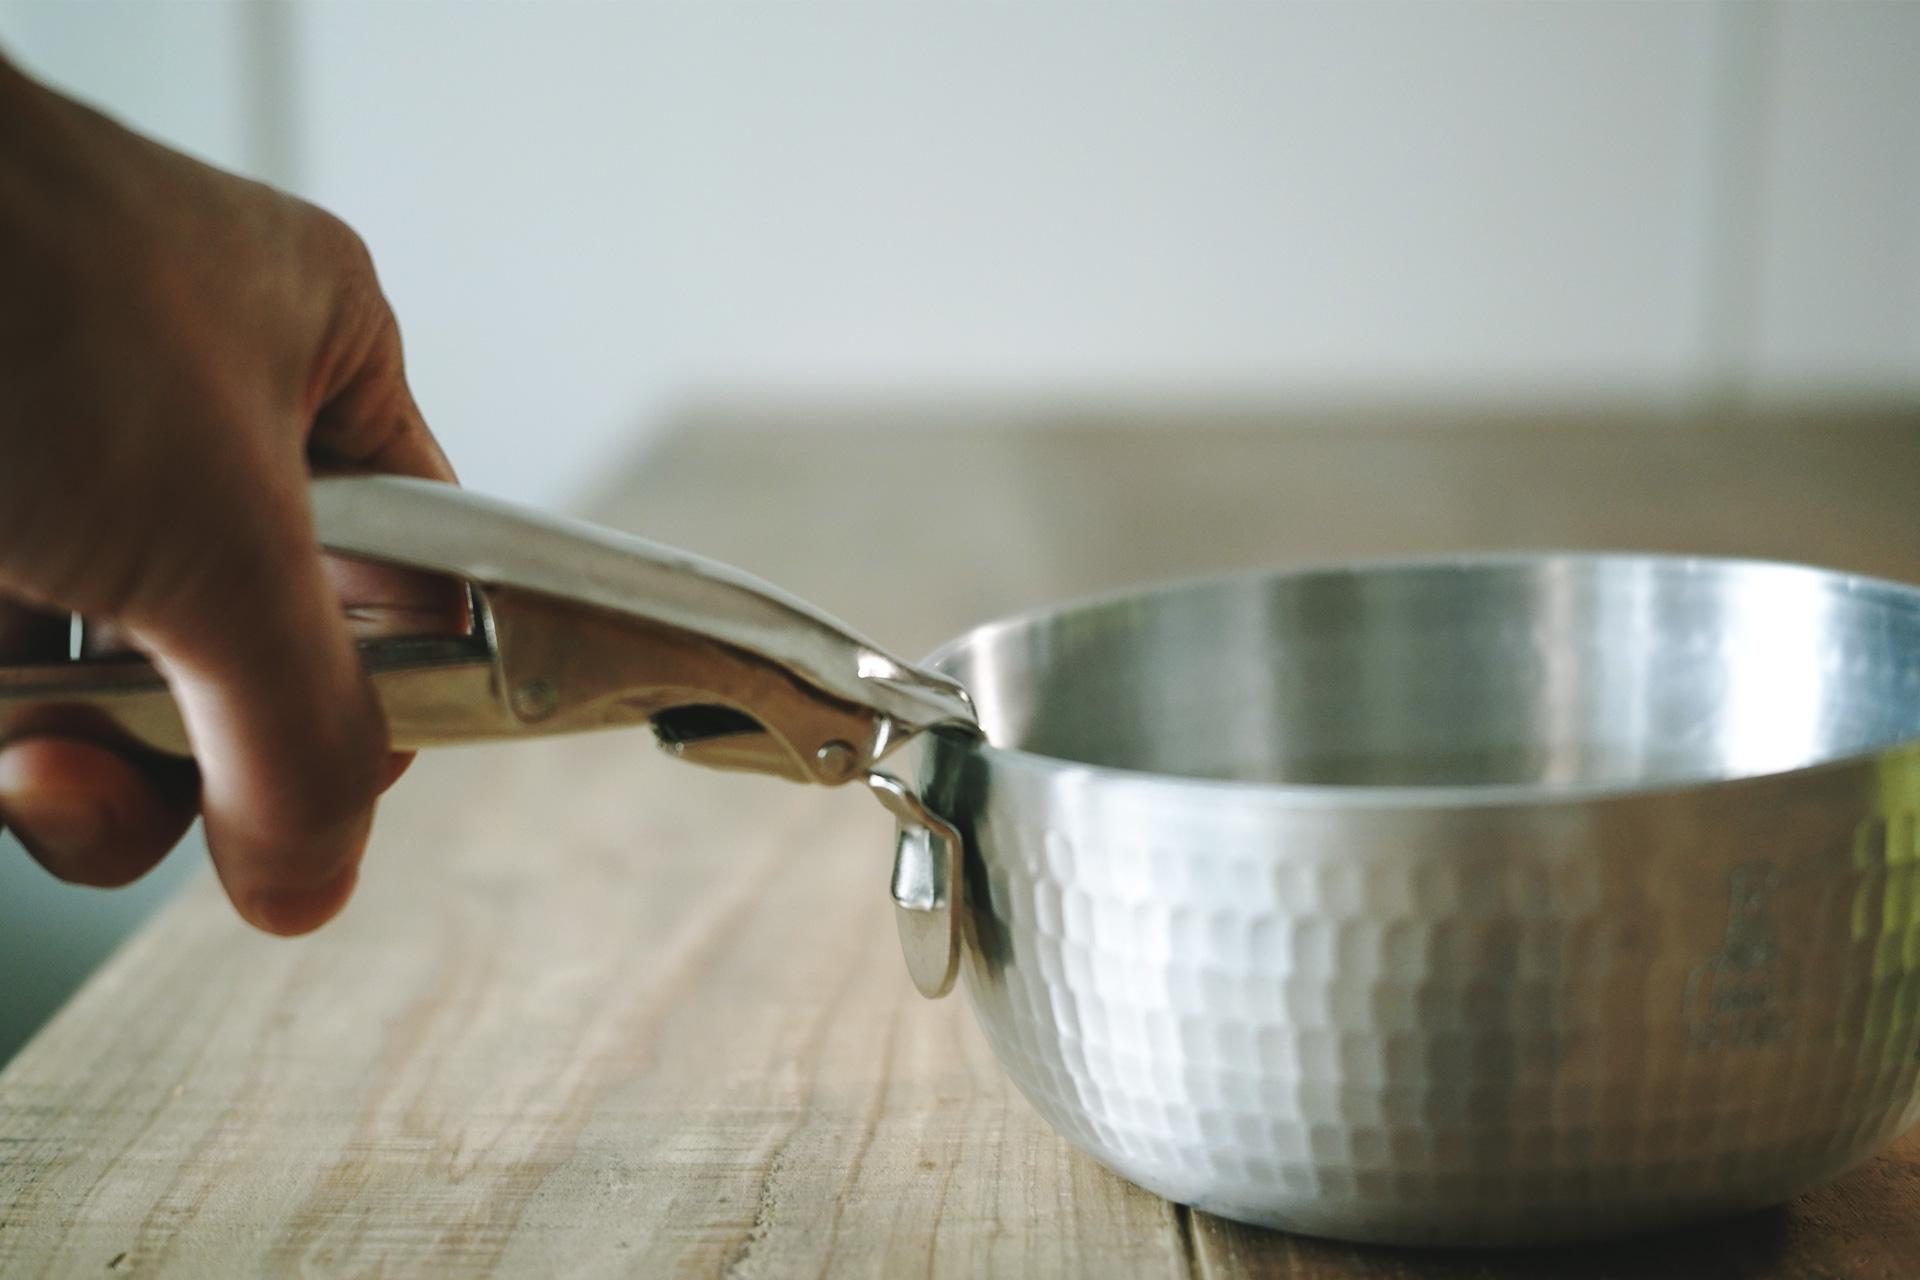 ヤットコ鍋15cmとパングリッパーPG-L型使用例「中尾アルミ製作所」